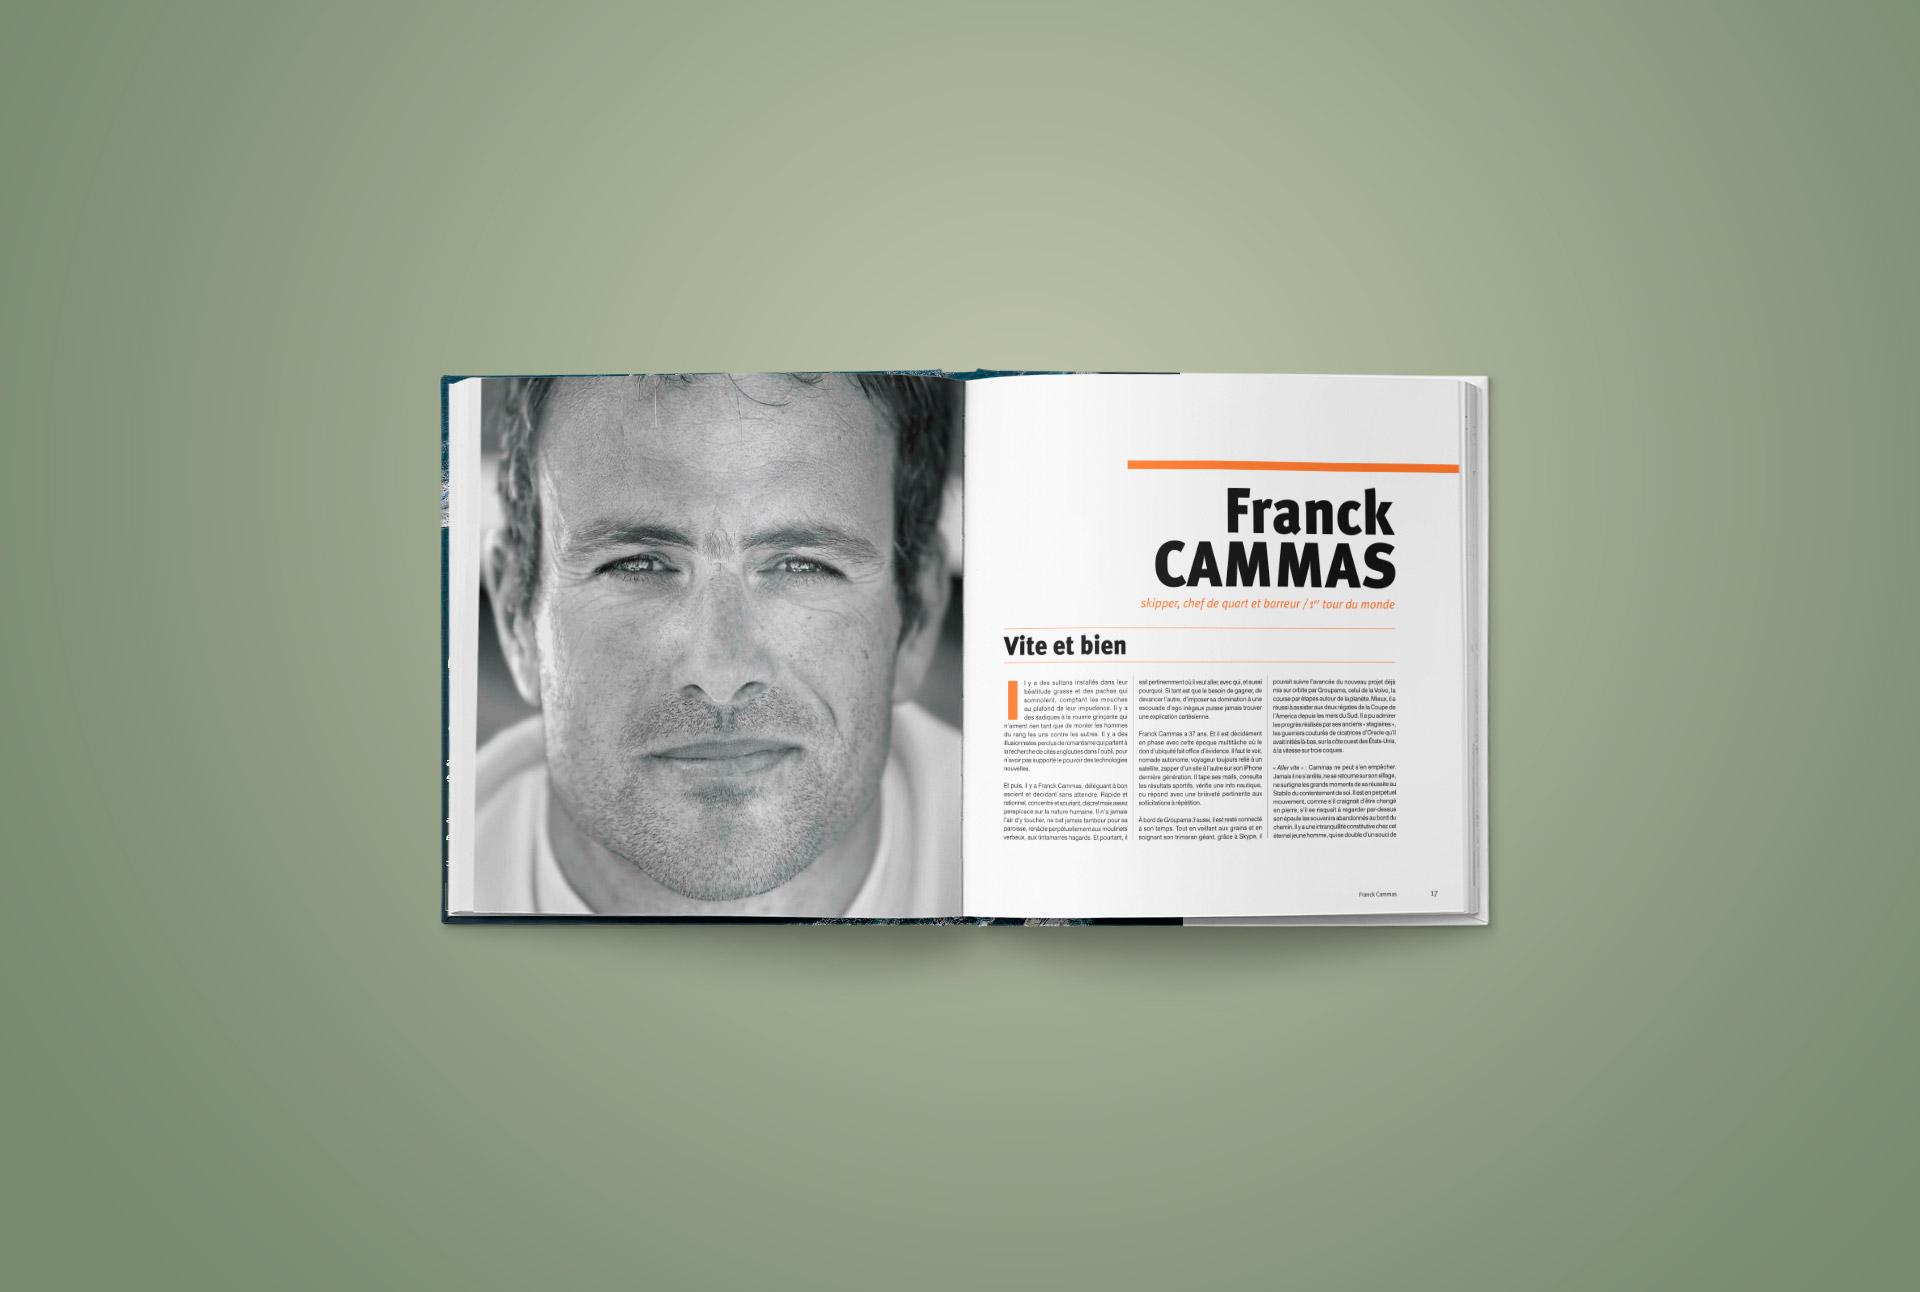 Livre Le Monde en 48 jours-Trimaran Groupama-Franck Cammas